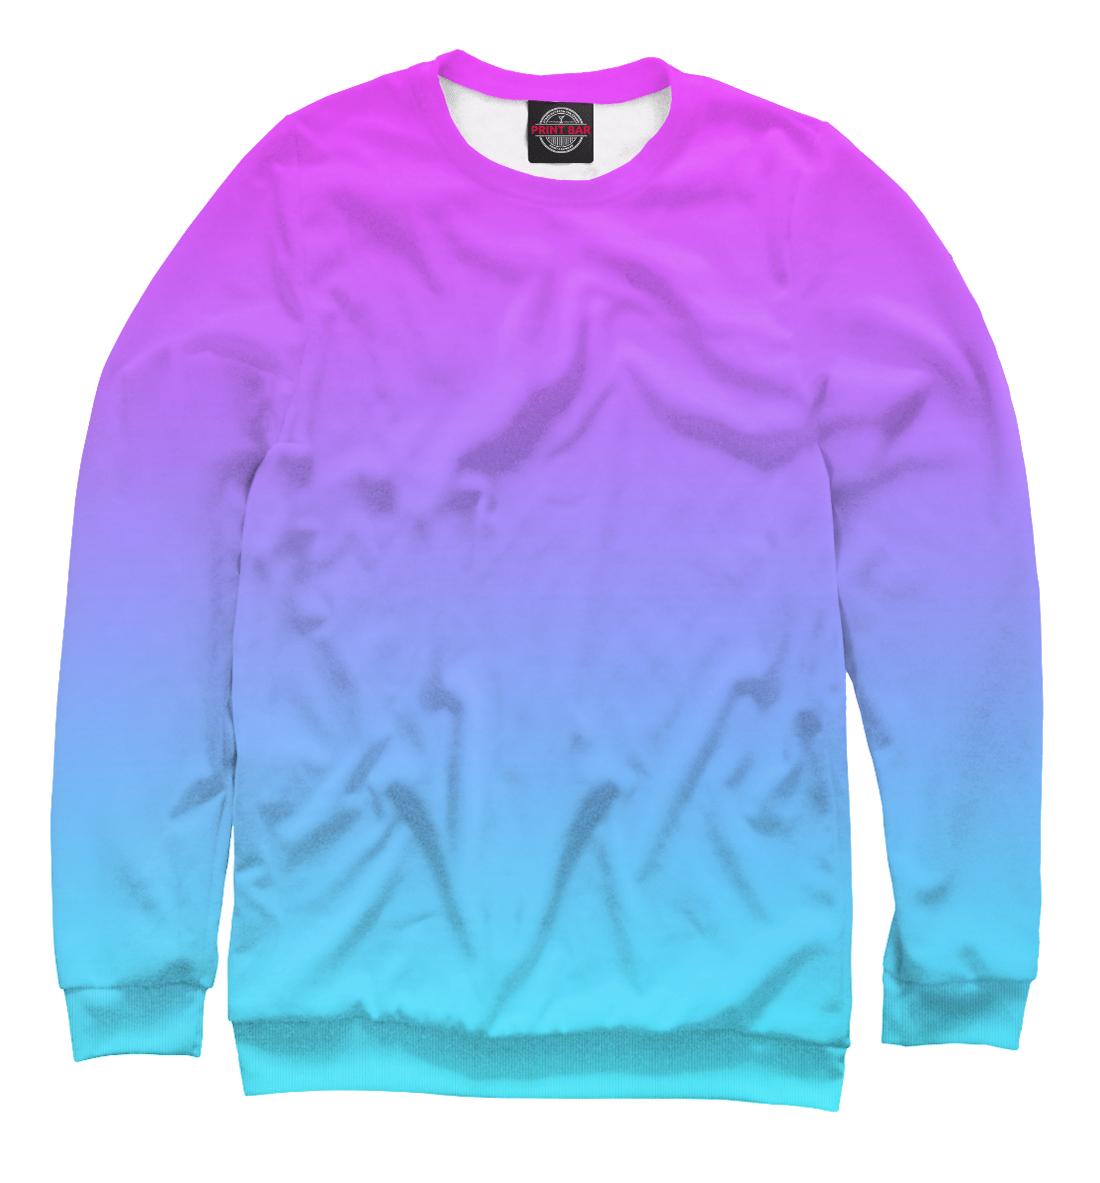 Купить Градиент: Розовый в Голубой, Printbar, Свитшоты, CLR-401097-swi-2